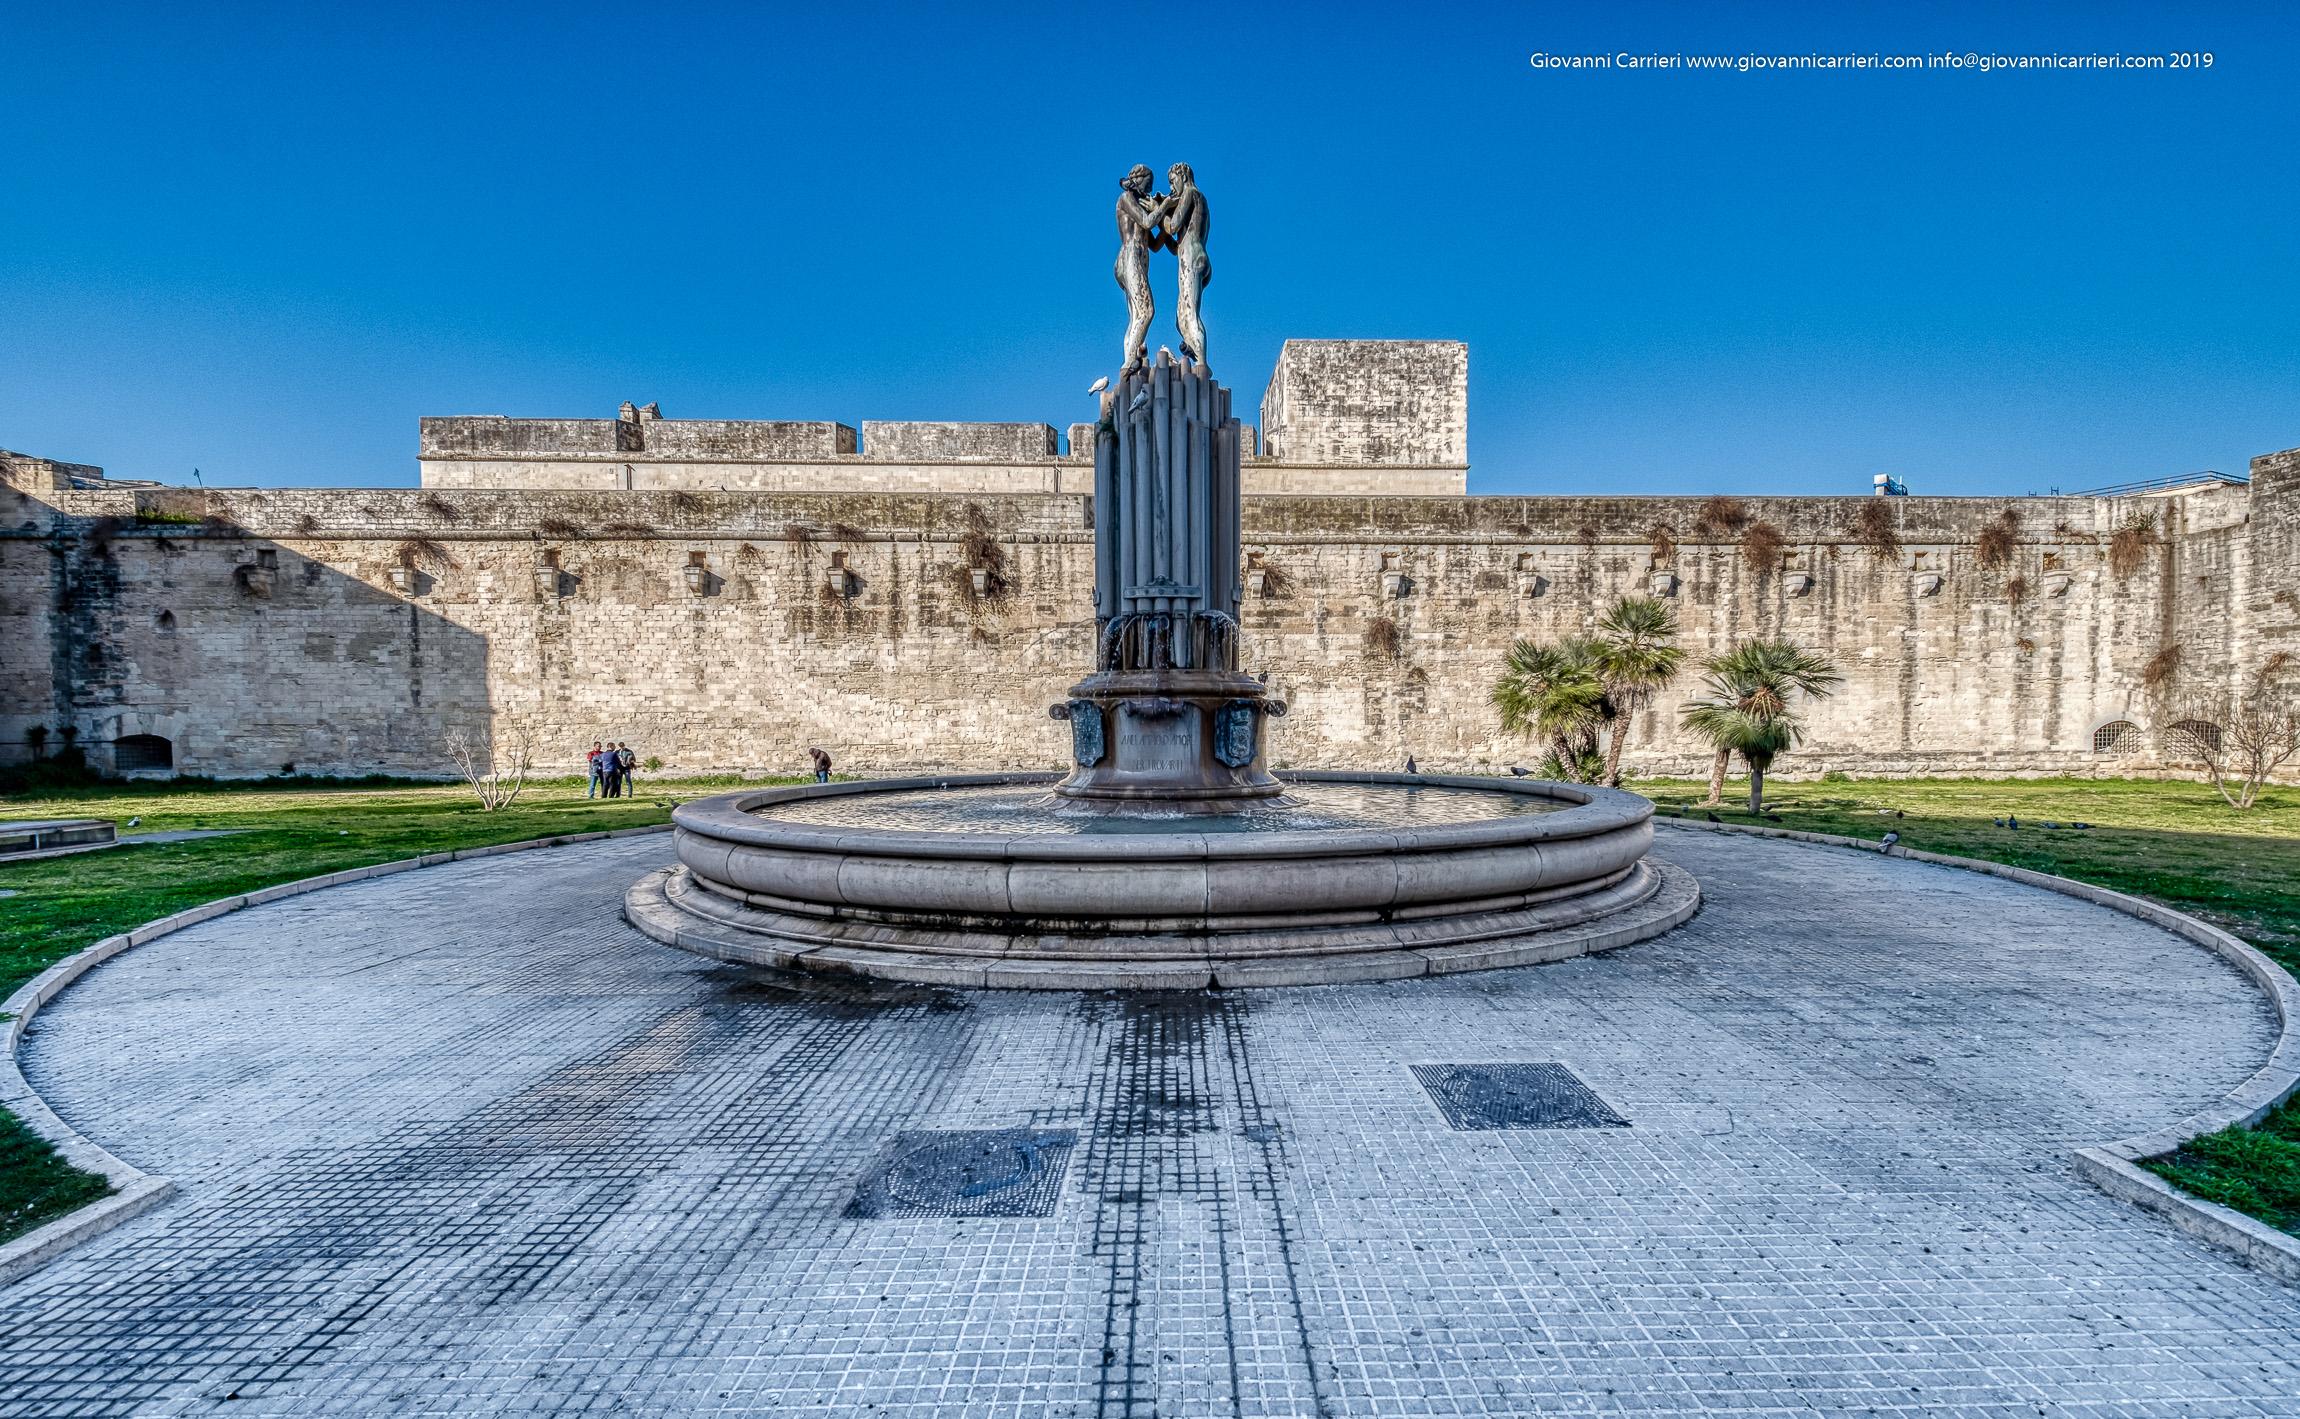 La fontana dell'Armonia per celebrare l'arrivo a Lecce dell'acqua del fiume Sele